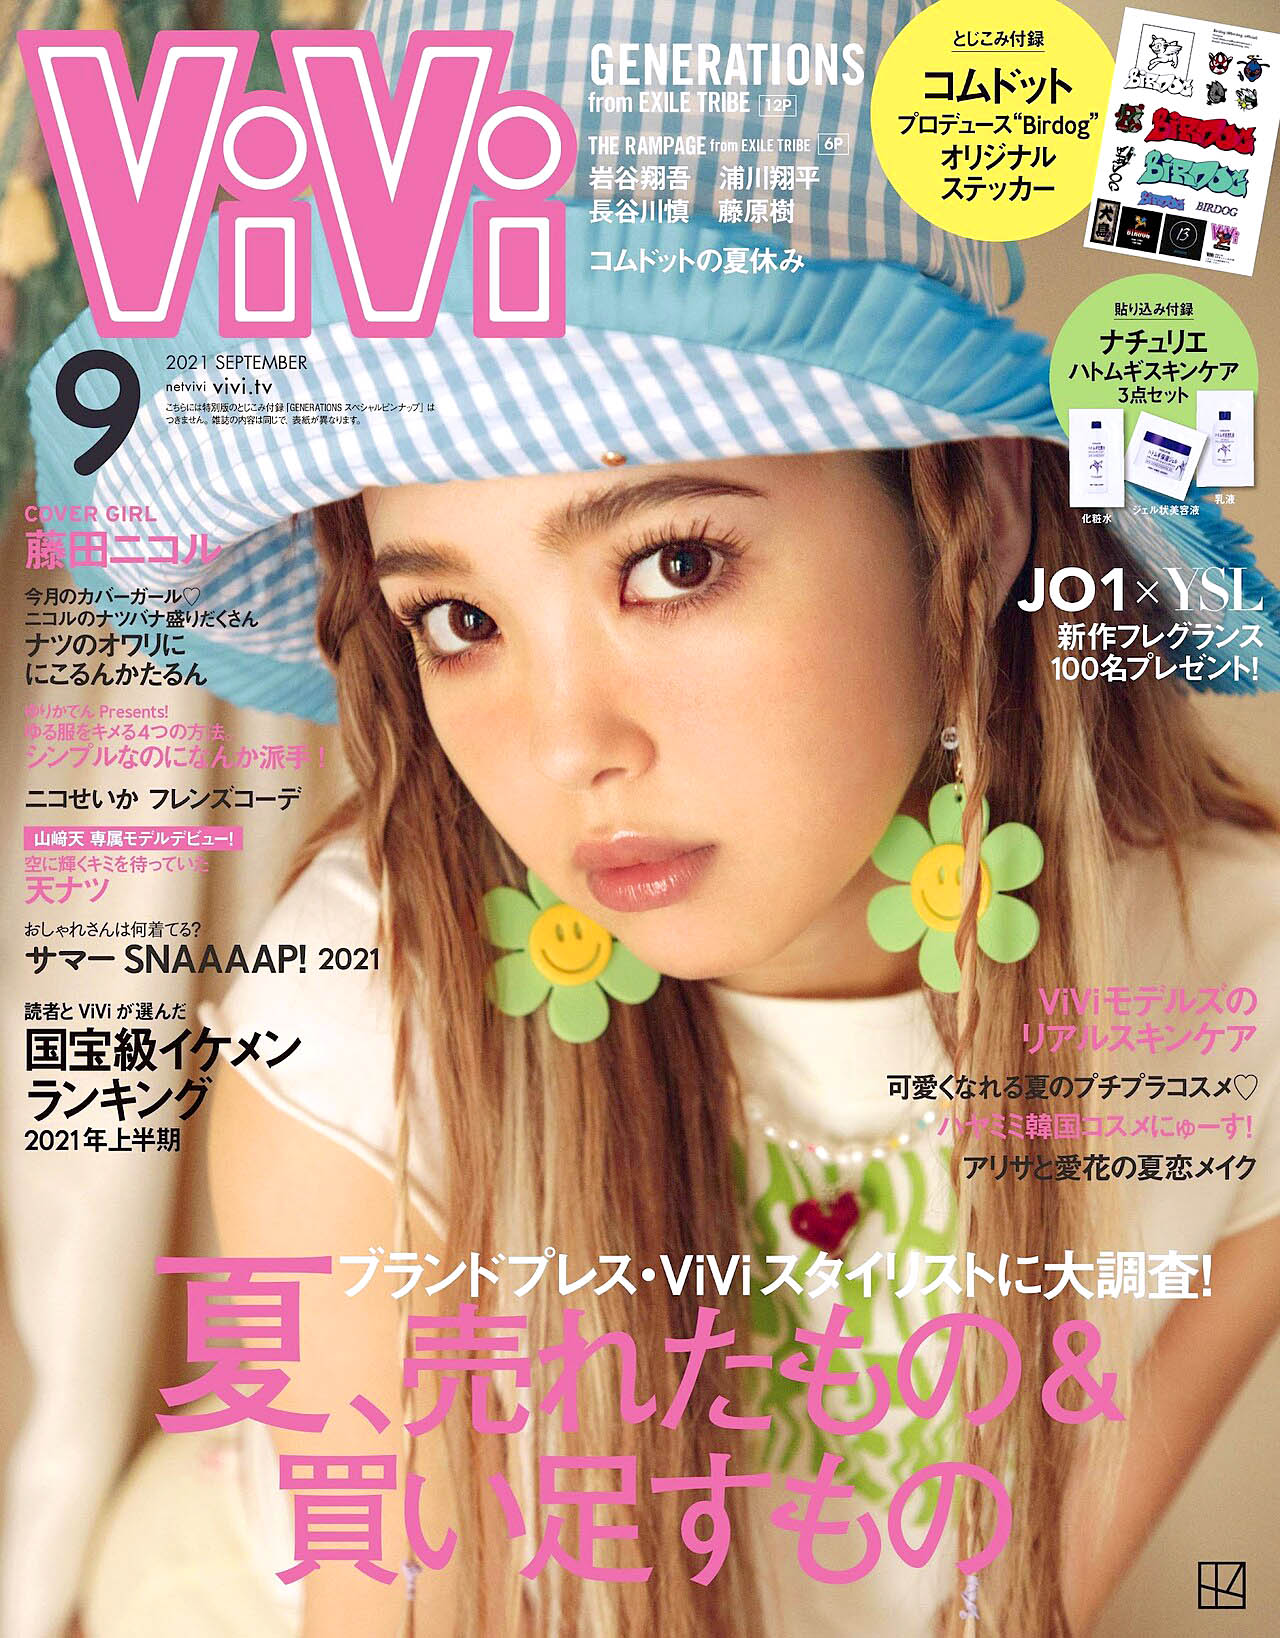 Nicole Fujita ViVi 2109 01.jpg